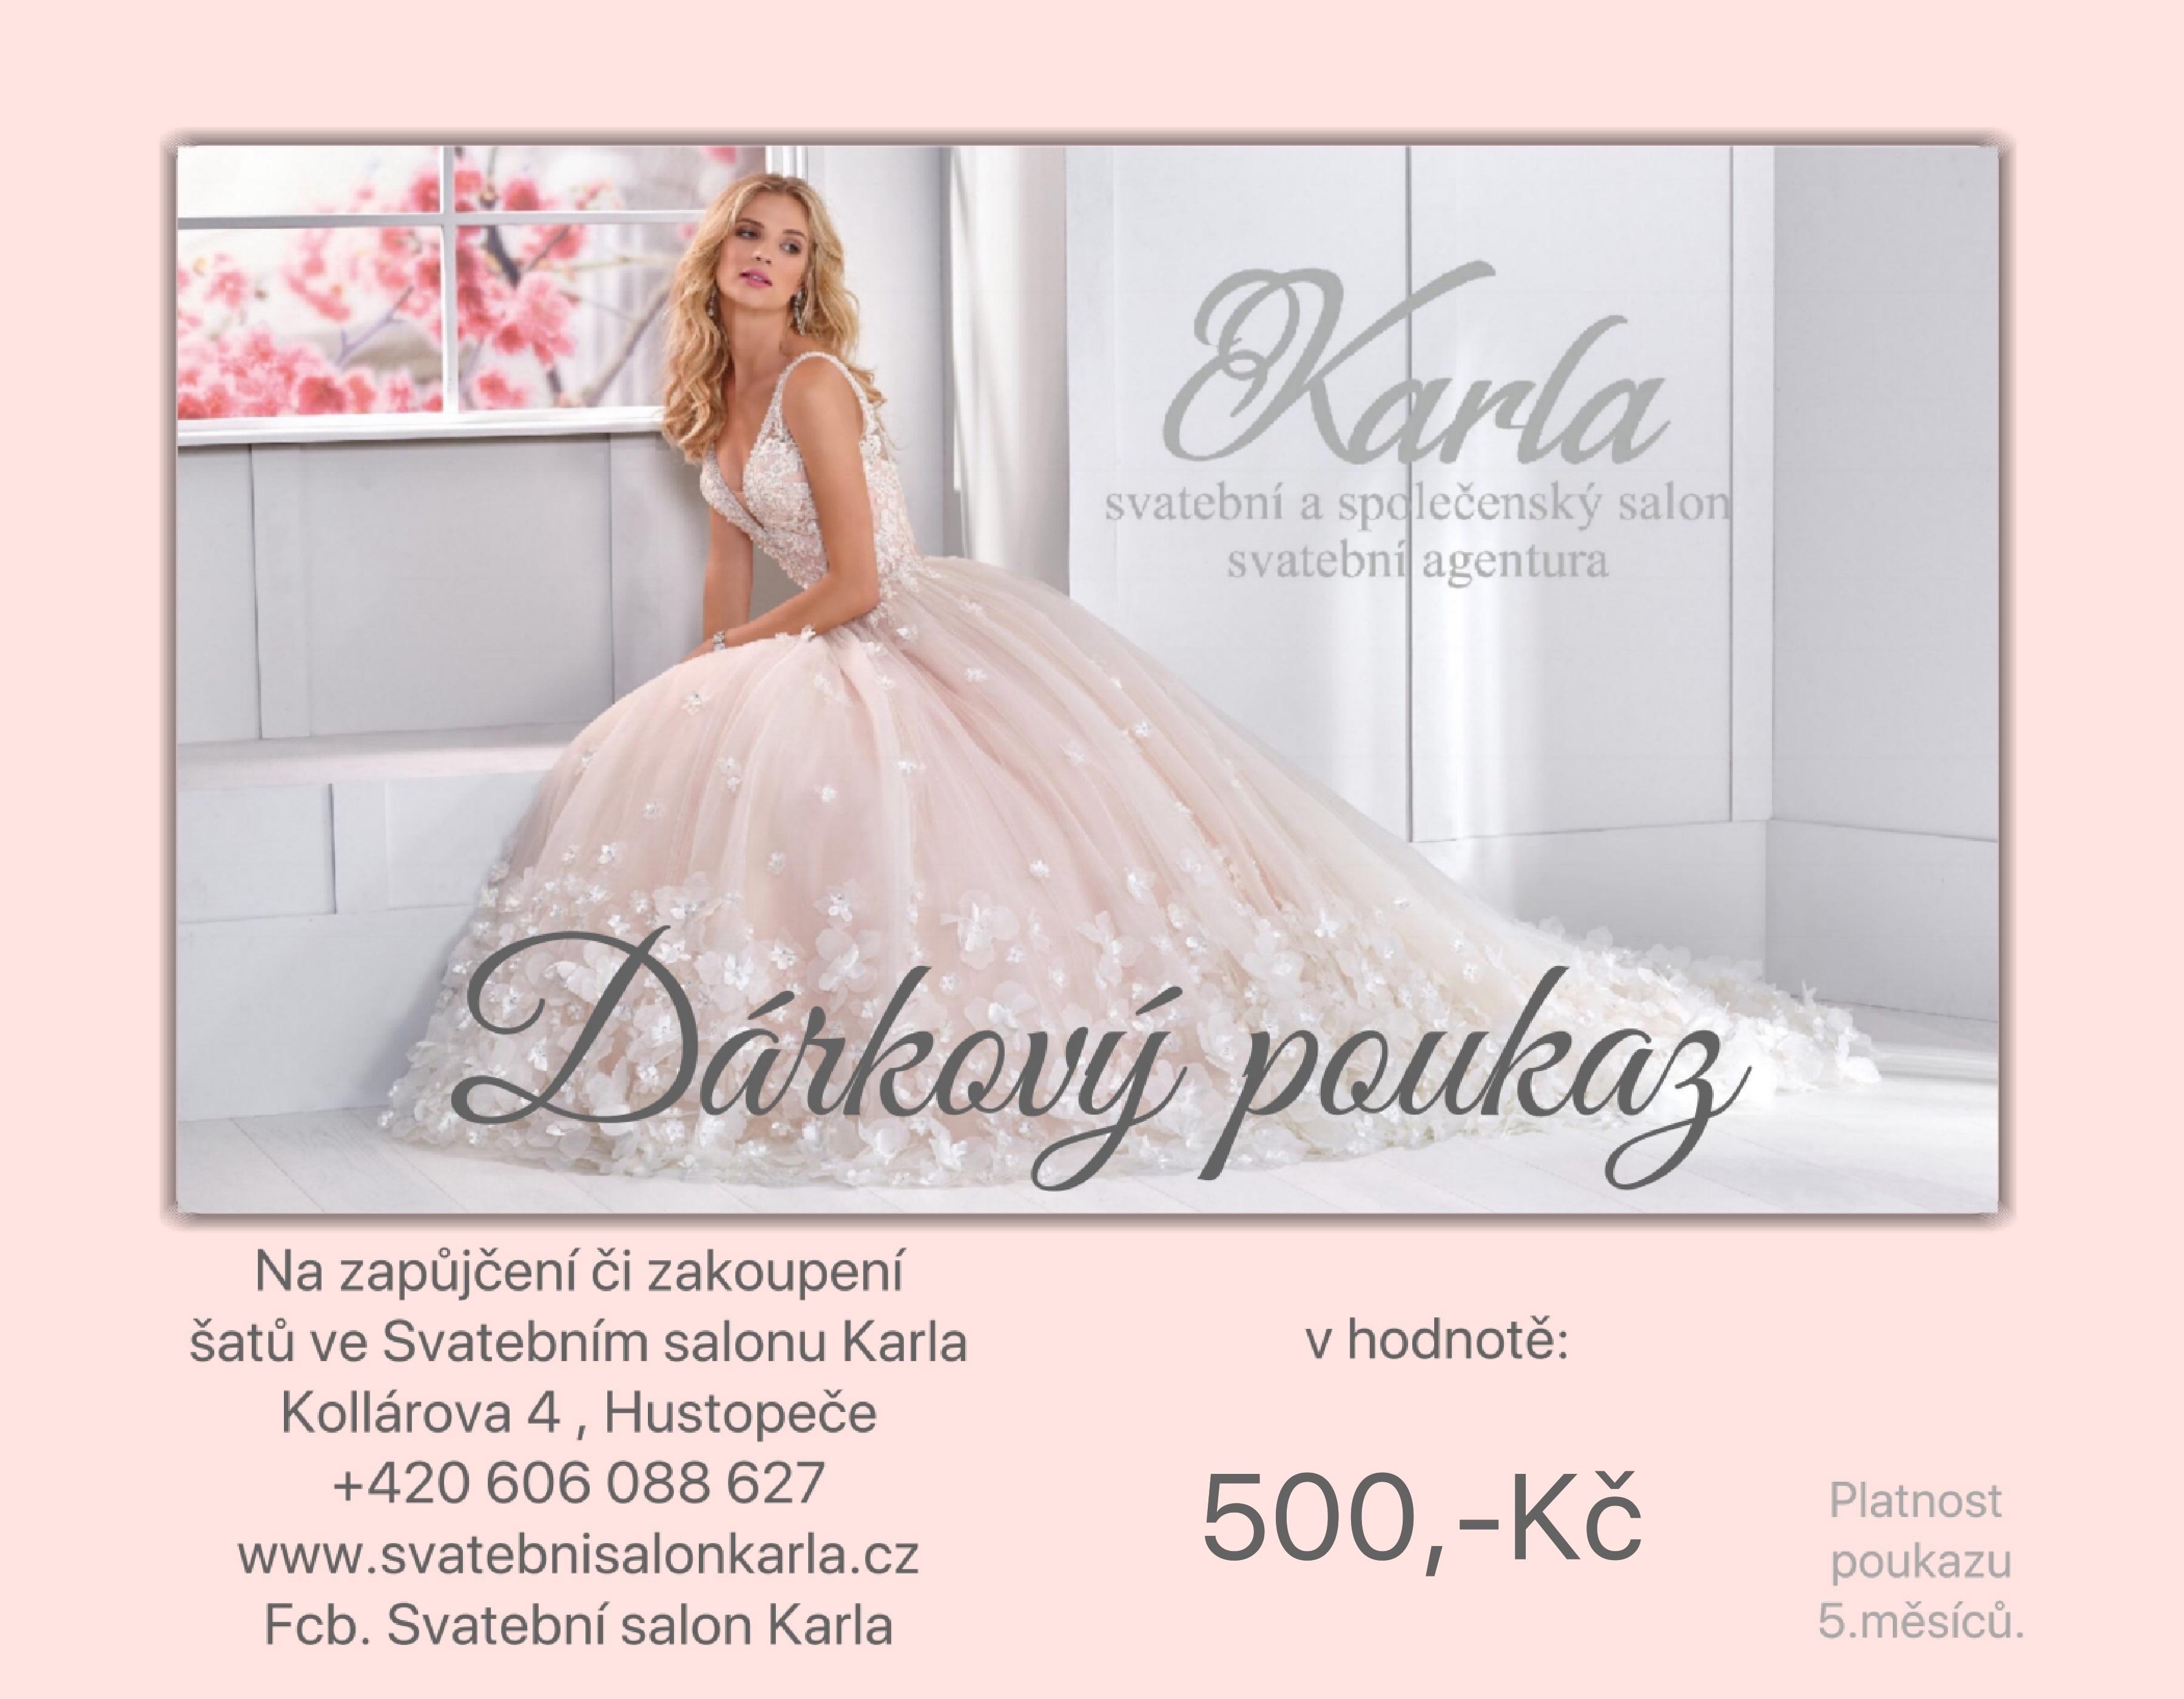 fcbd58f135d Svatební salon Karla Hustopeče u Brna